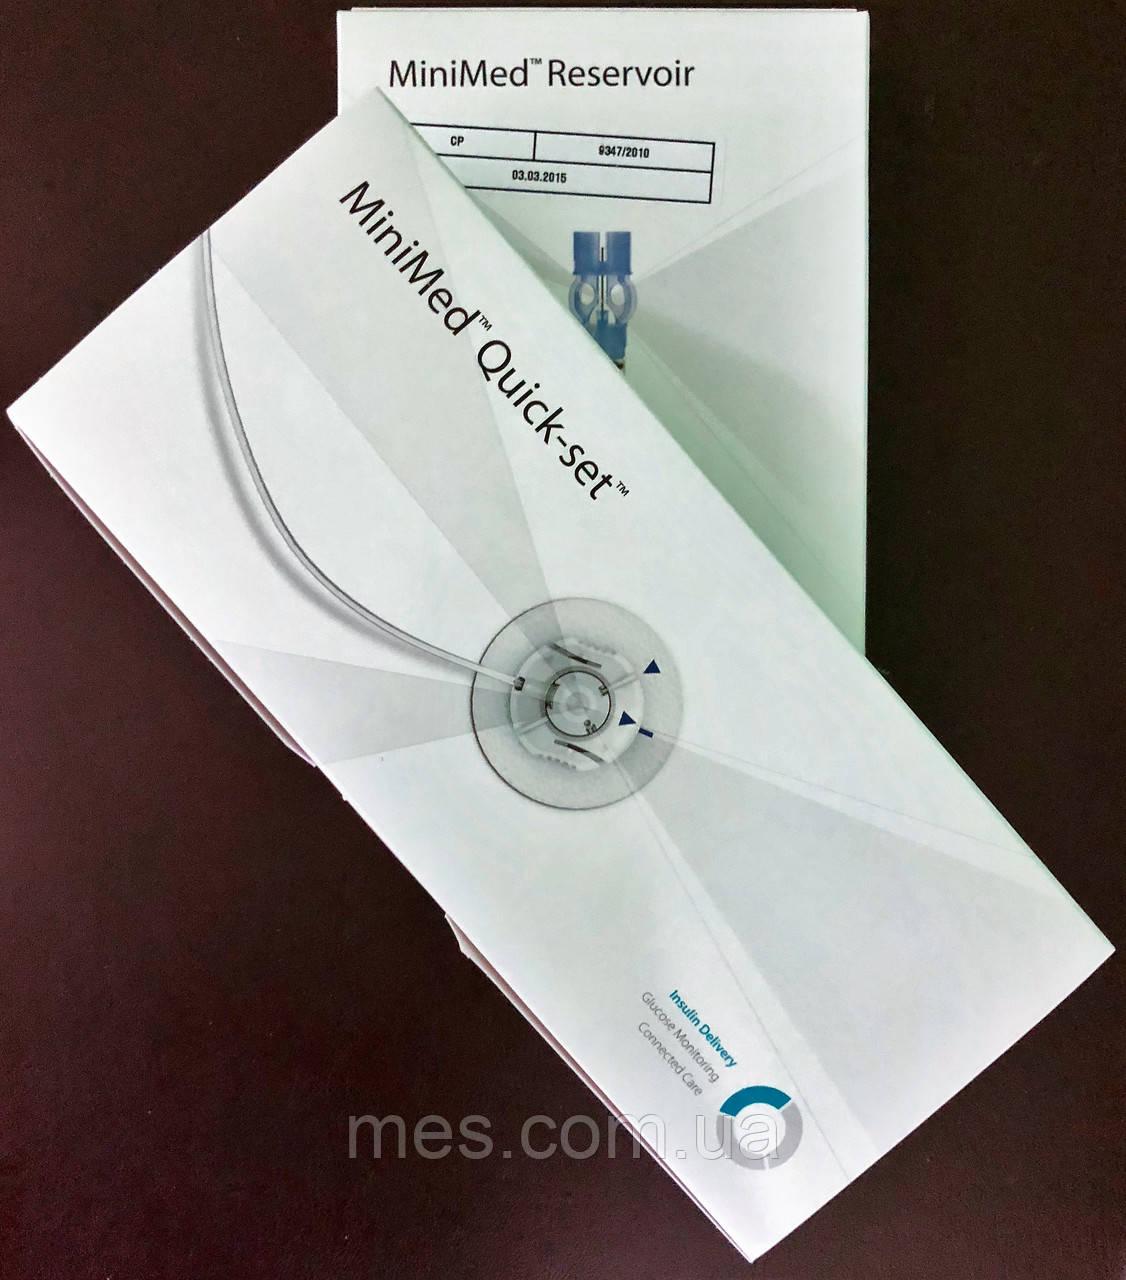 Комплект - Инфузионный набор и резервуары